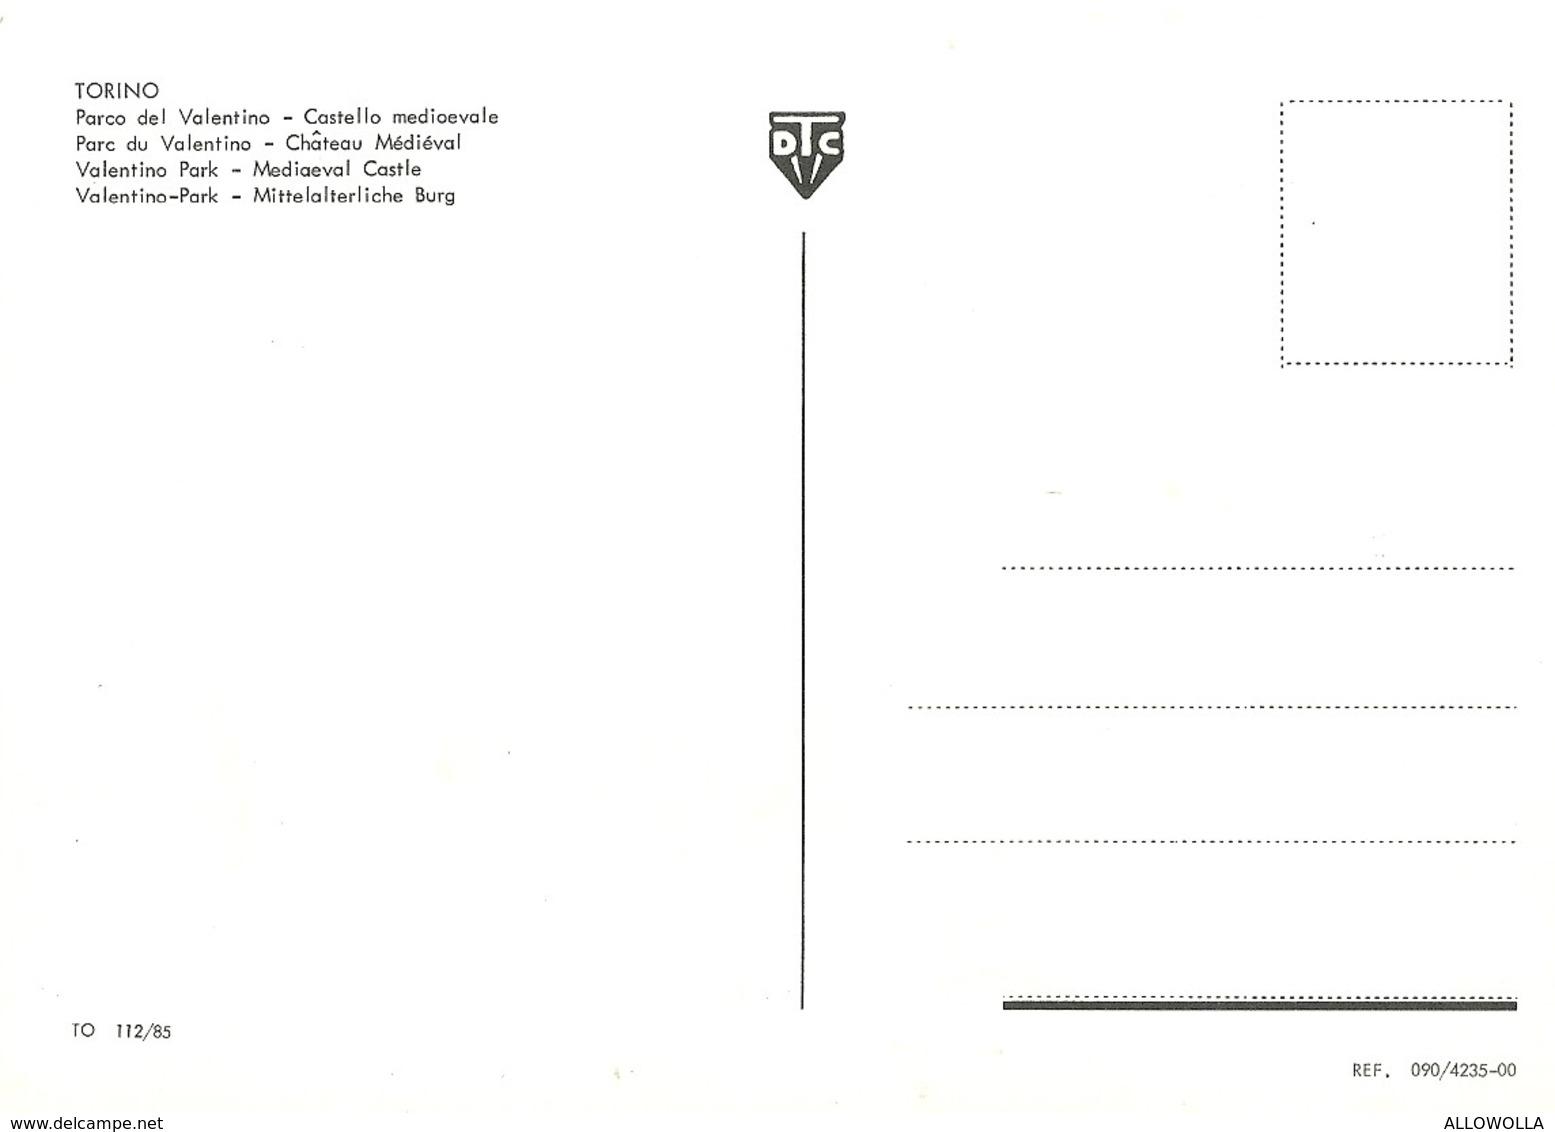 """2841 """"TORINO - PARCO DEL VALENTINO - CASTELLO MEDIOEVALE"""" CARTOLINA POST. ORIGINALE NON SPEDITA - Churches"""